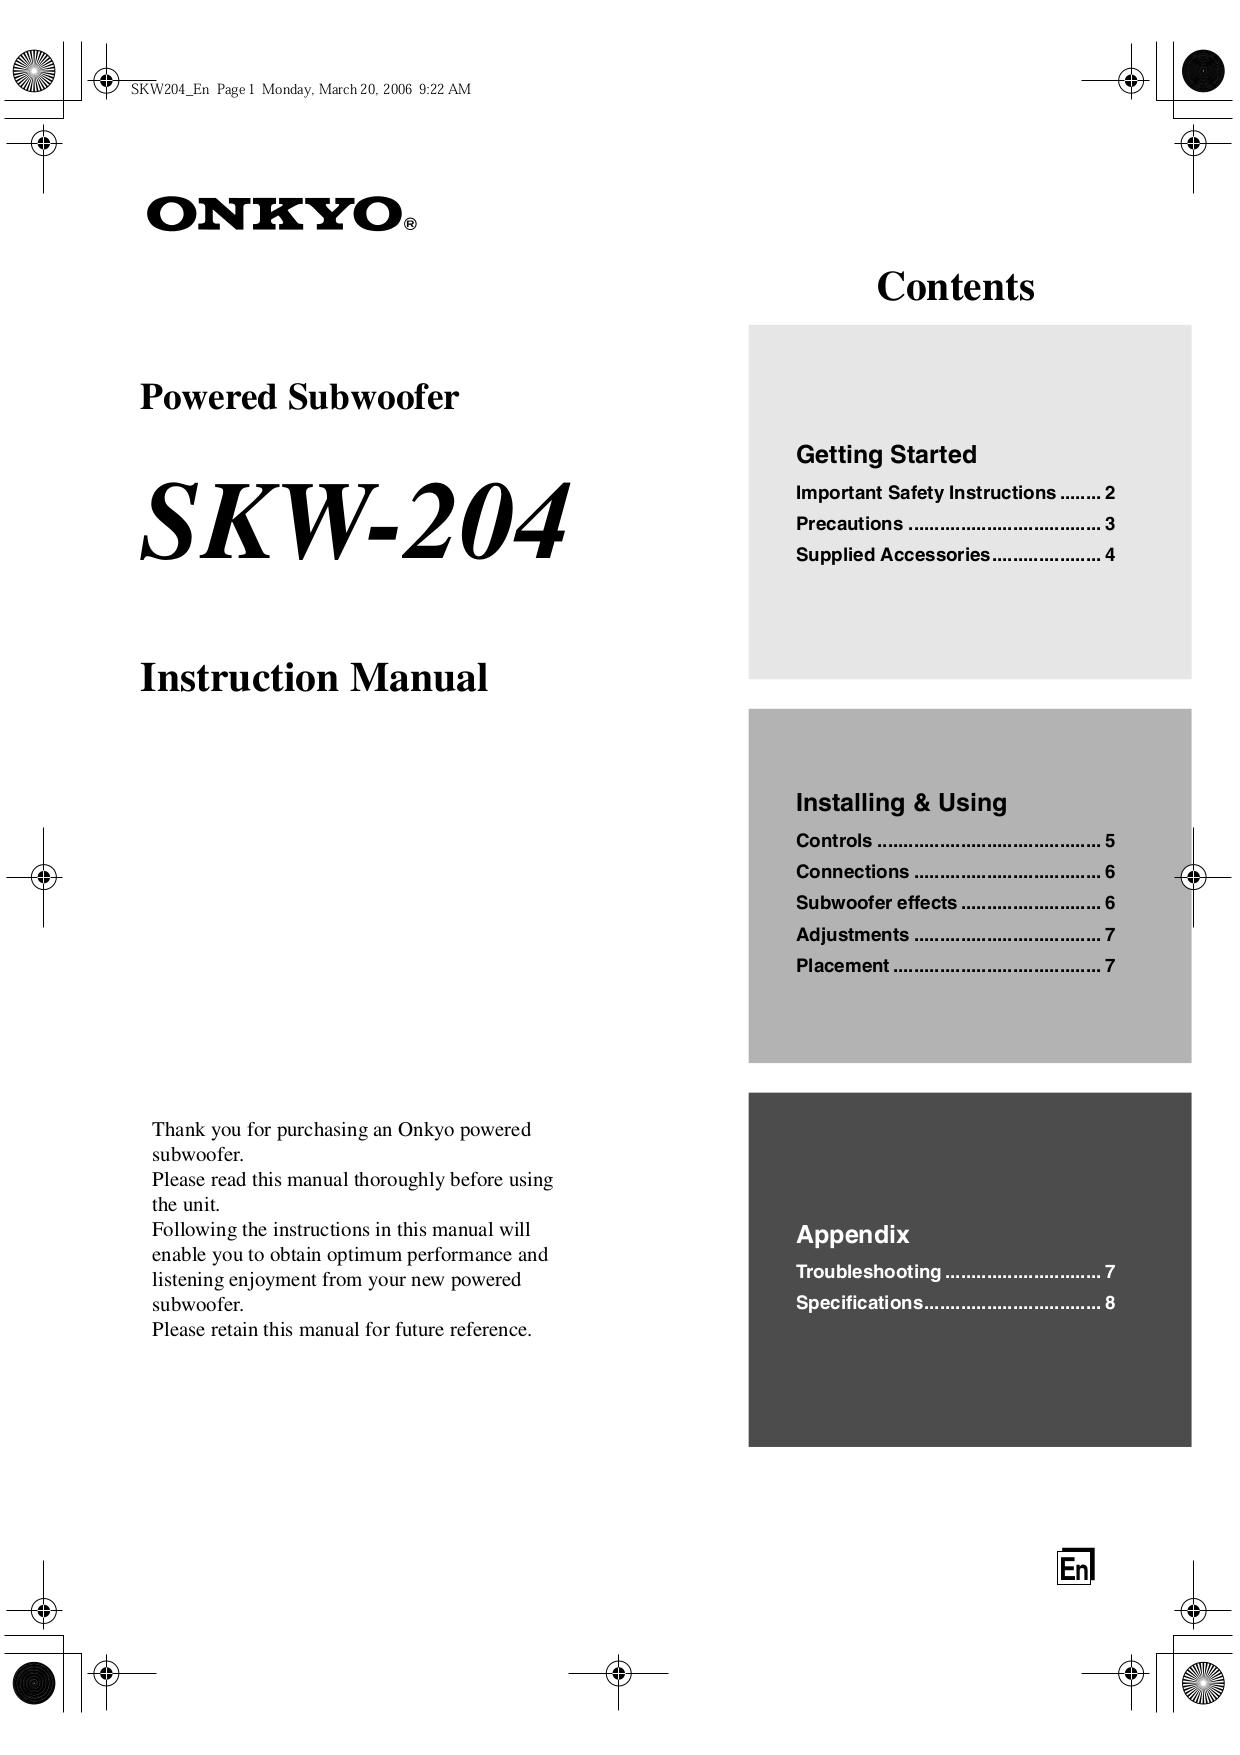 Onkyo 876 Manual Pdf 362 Peterbilt Wiring Diagrams Array 626 Rh Logoutev De